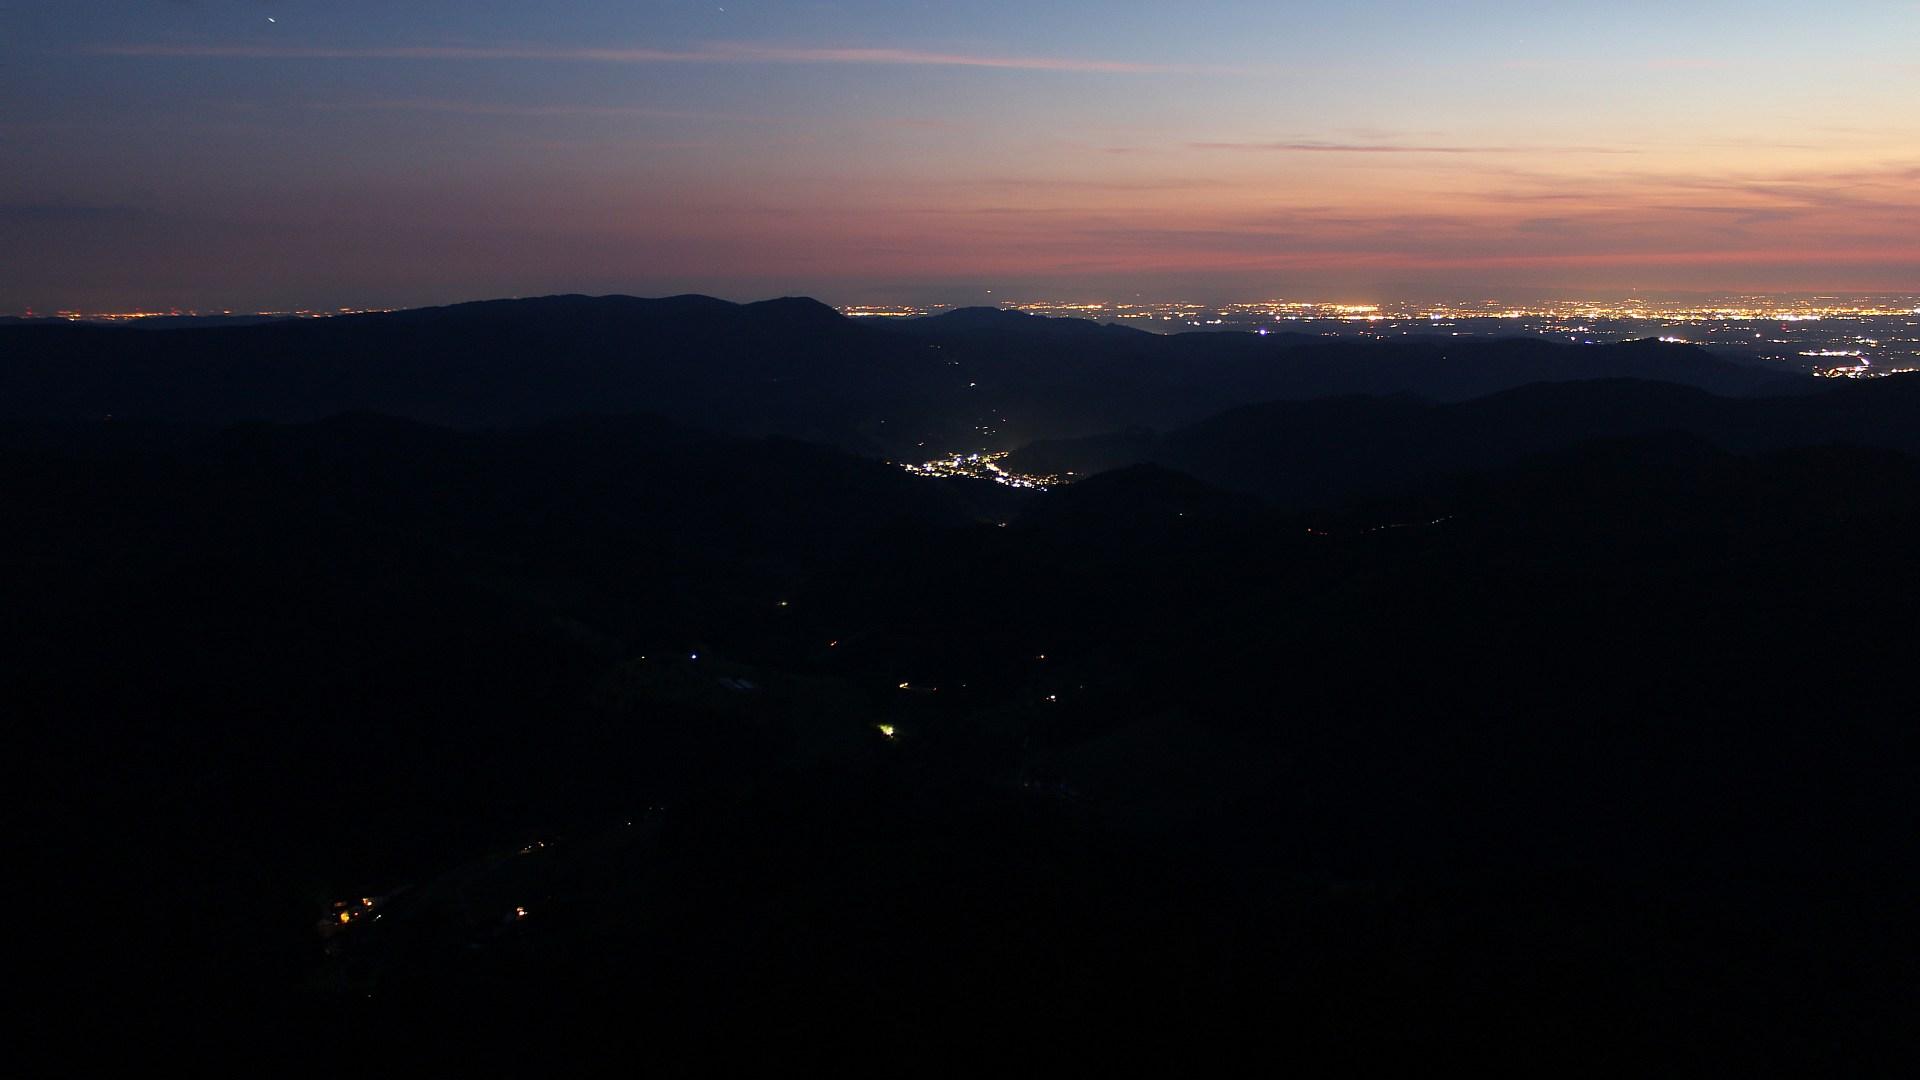 Aufnahme: Buchkopfturm vom 04.08.2020 22:10